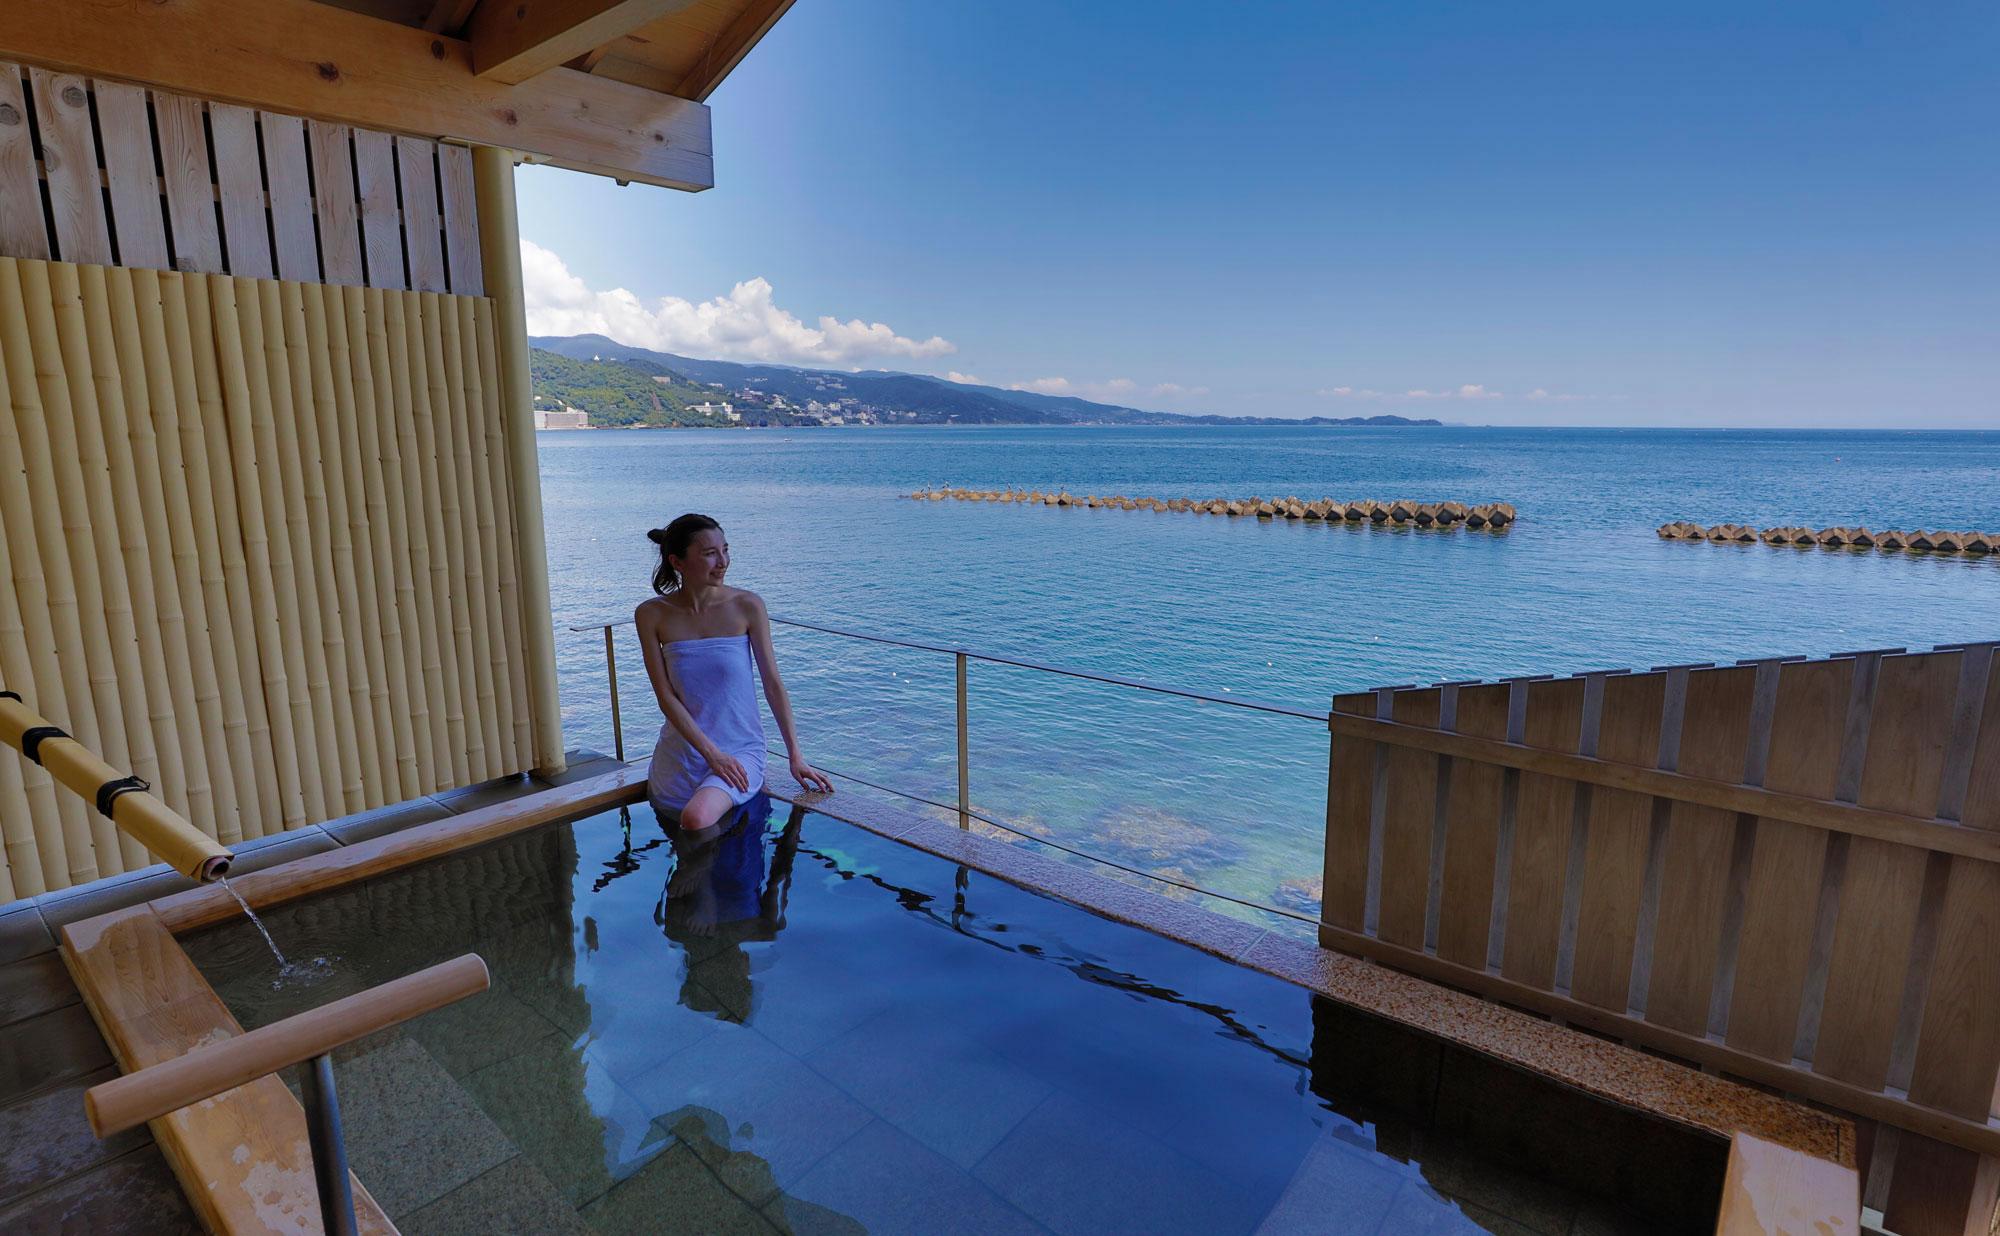 熱海温泉湯の宿平鶴 天然温泉